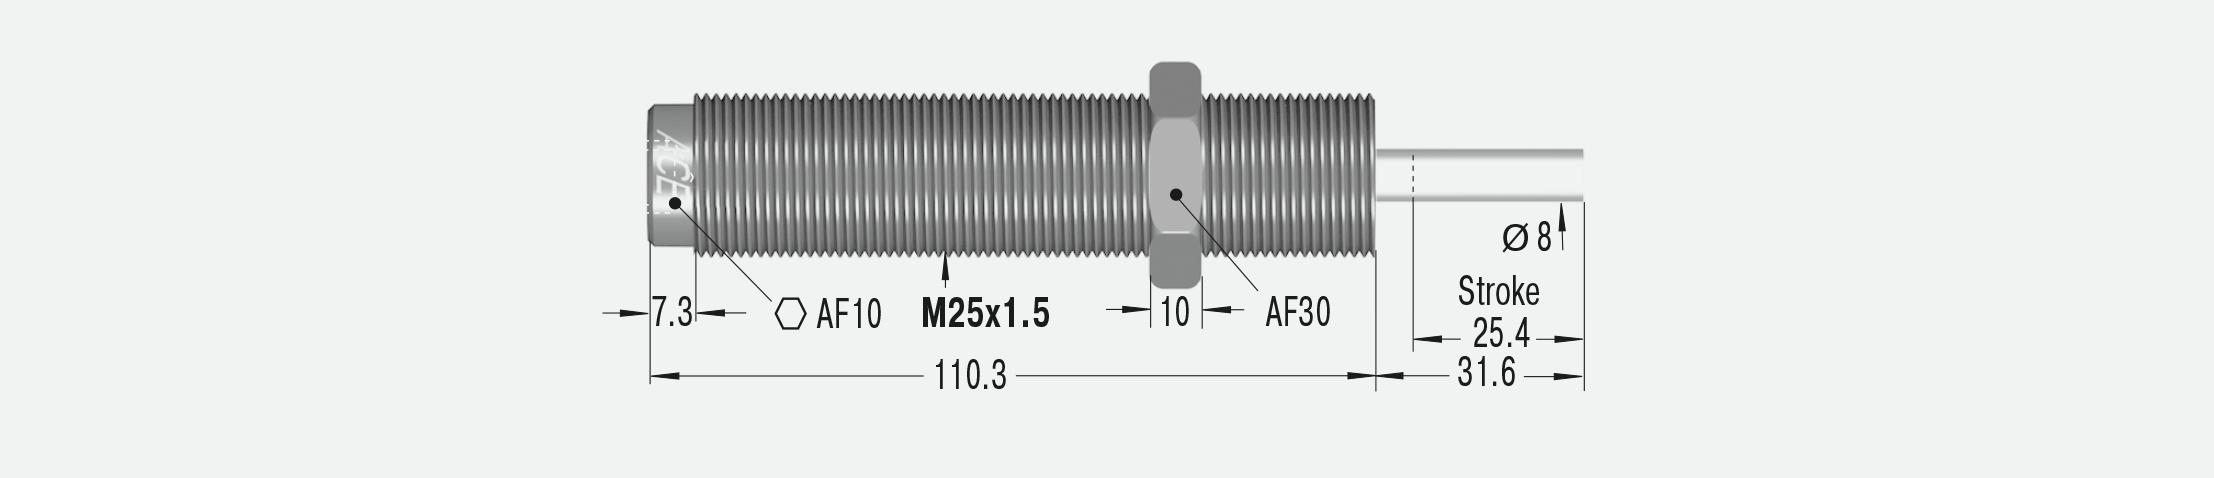 MC600EUMH2-V4A